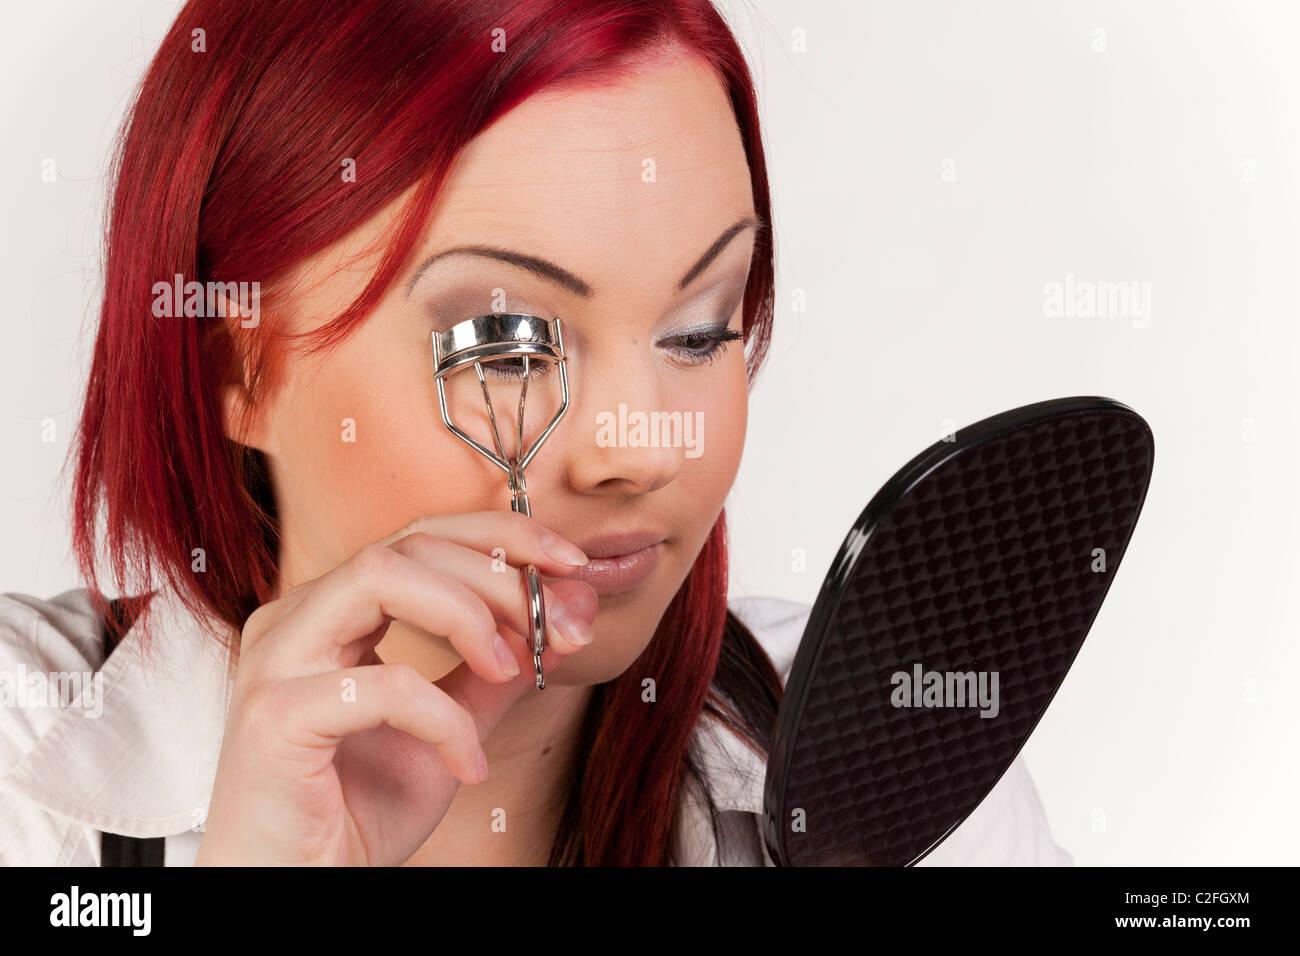 Una giovane donna di bellezza è tenuto lo stato di ciglia utilizzando arricciatore ciglia e tenendo la mano Immagini Stock